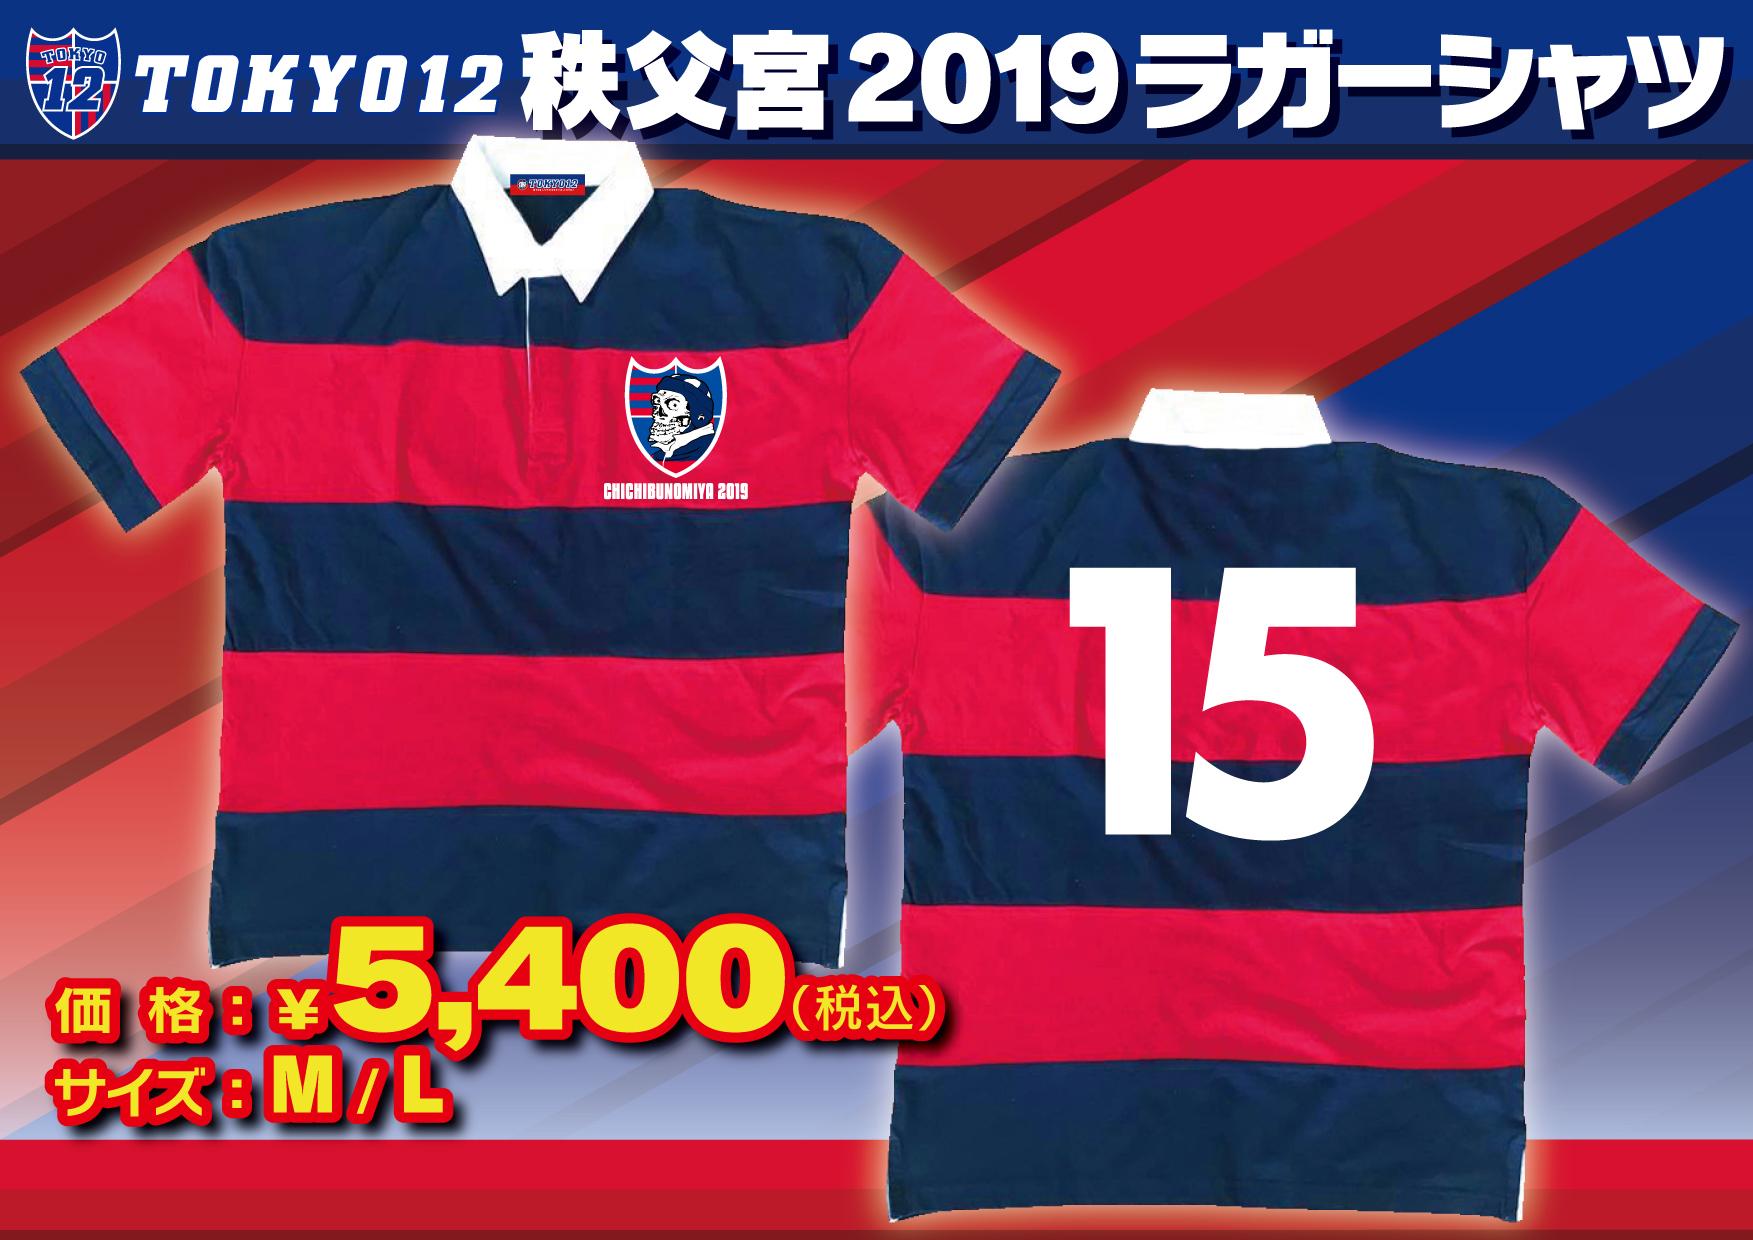 【4月下旬再入荷予定】秩父宮2019ラガーシャツ